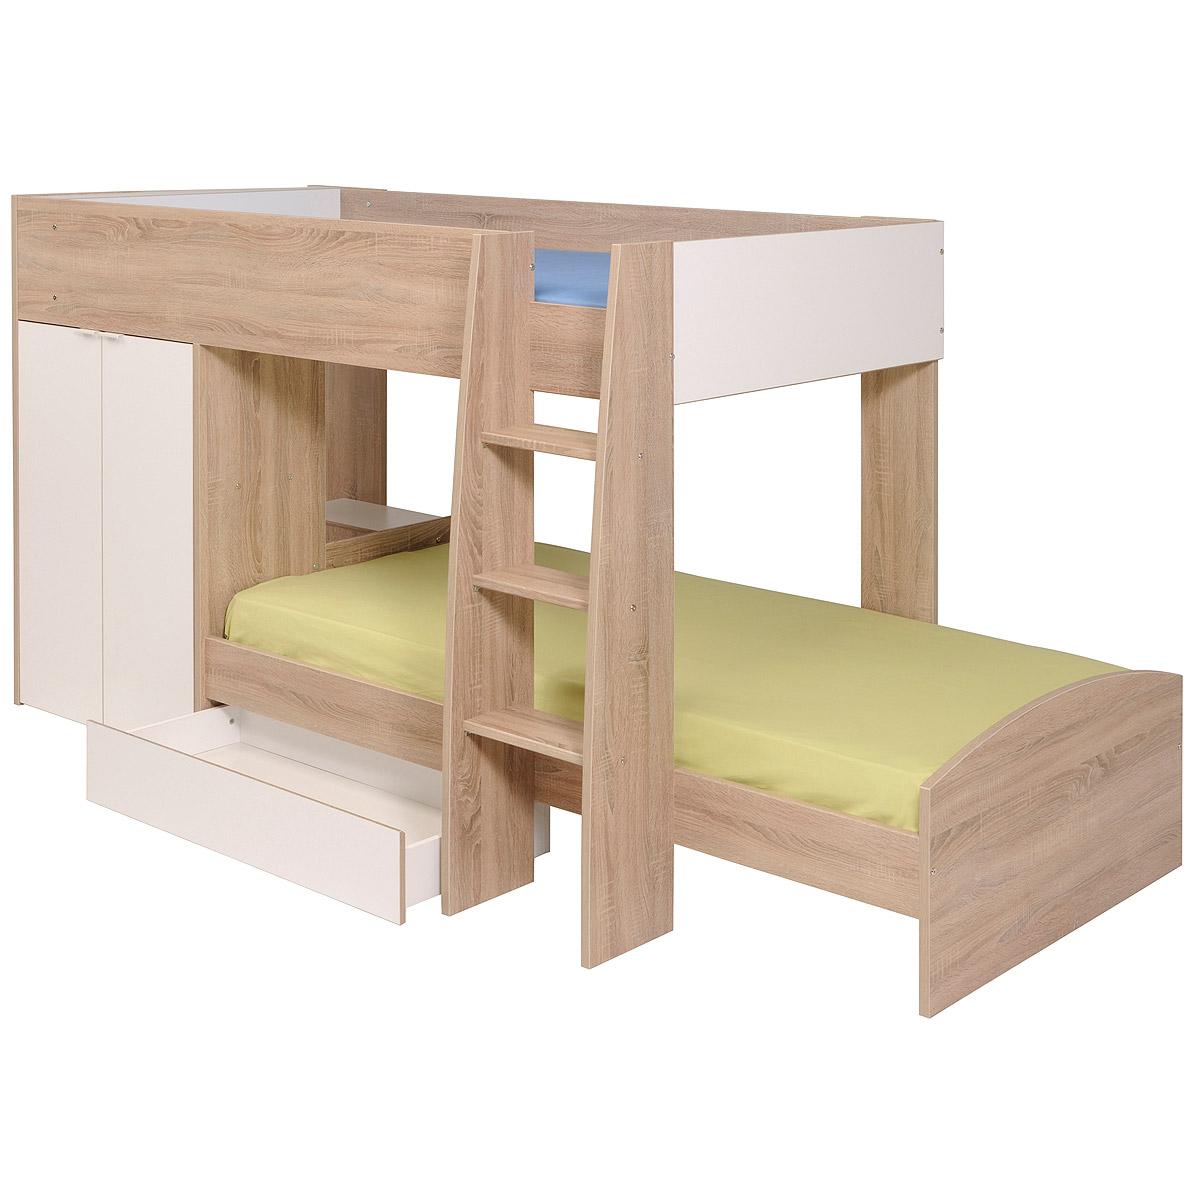 etagenbett stim hochbett kinderbett sonoma eiche wei mit kleiderschrank ebay. Black Bedroom Furniture Sets. Home Design Ideas